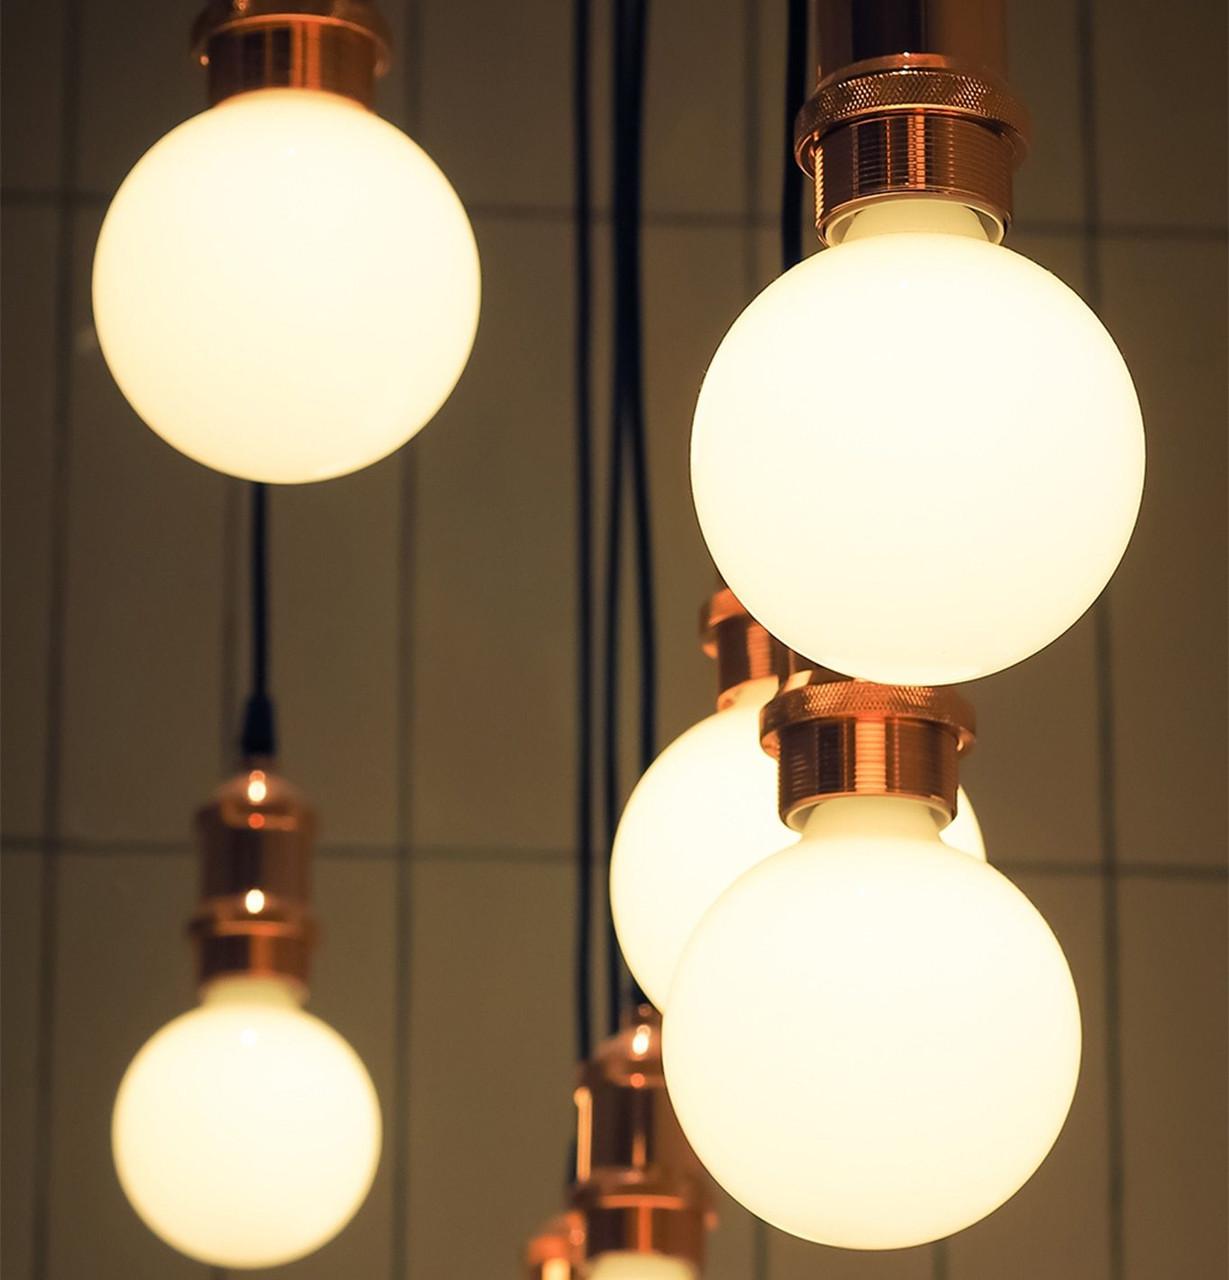 LED Dimmable G125 B22 Light Bulbs